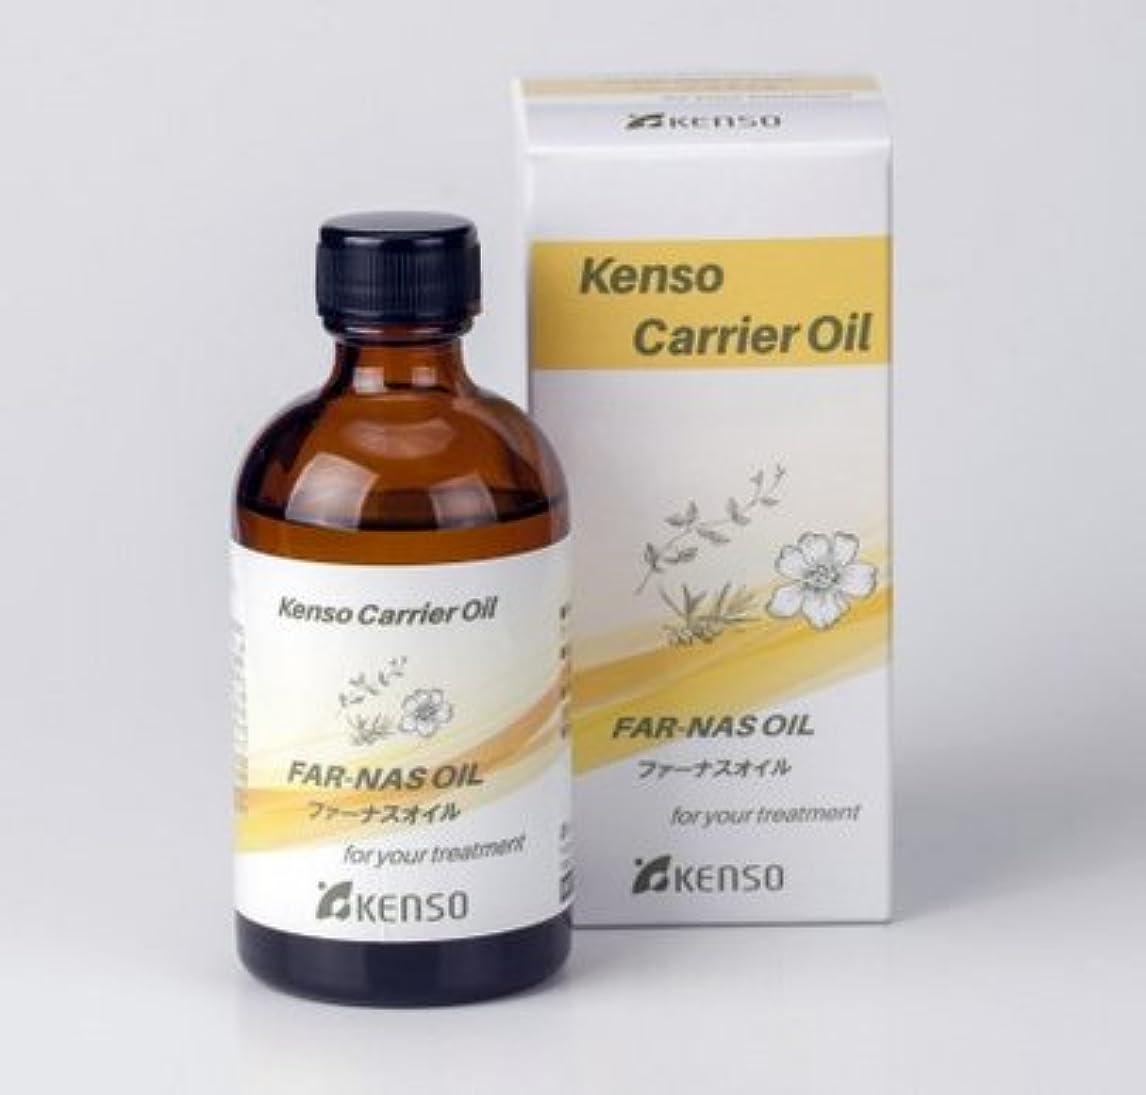 アイロニー偽物文字ファーナスオイル 100mlKENSOの植物油